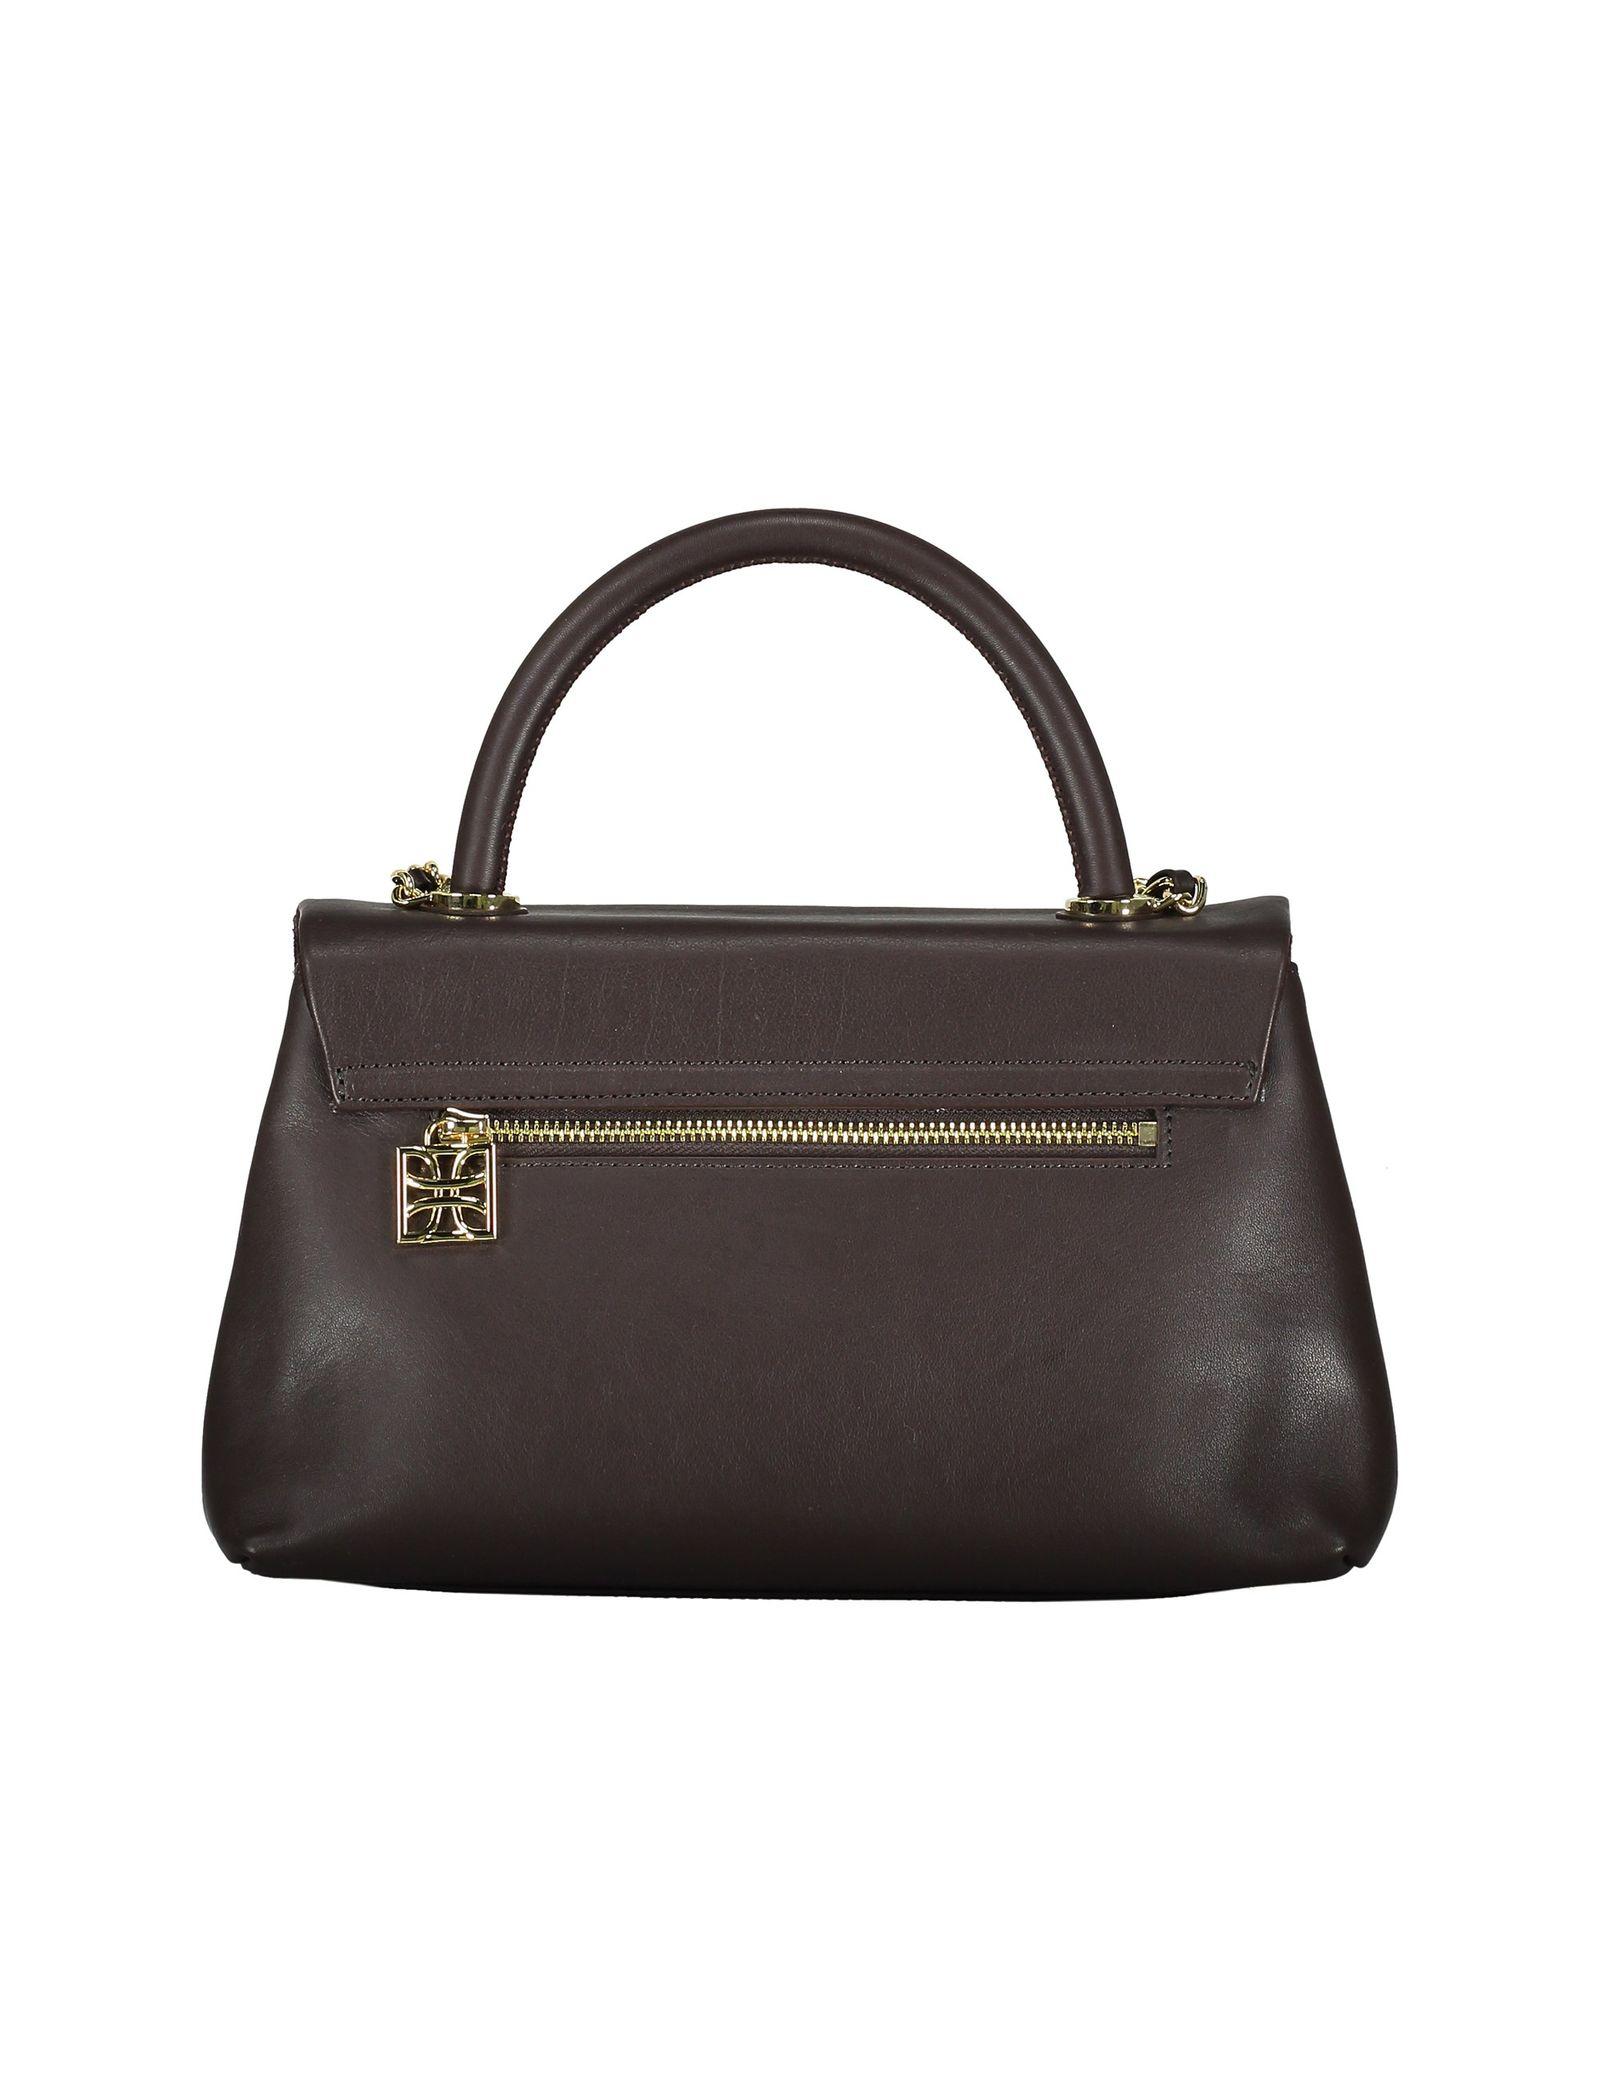 کیف دستی چرم روزمره زنانه - درسا - قهوه اي - 2